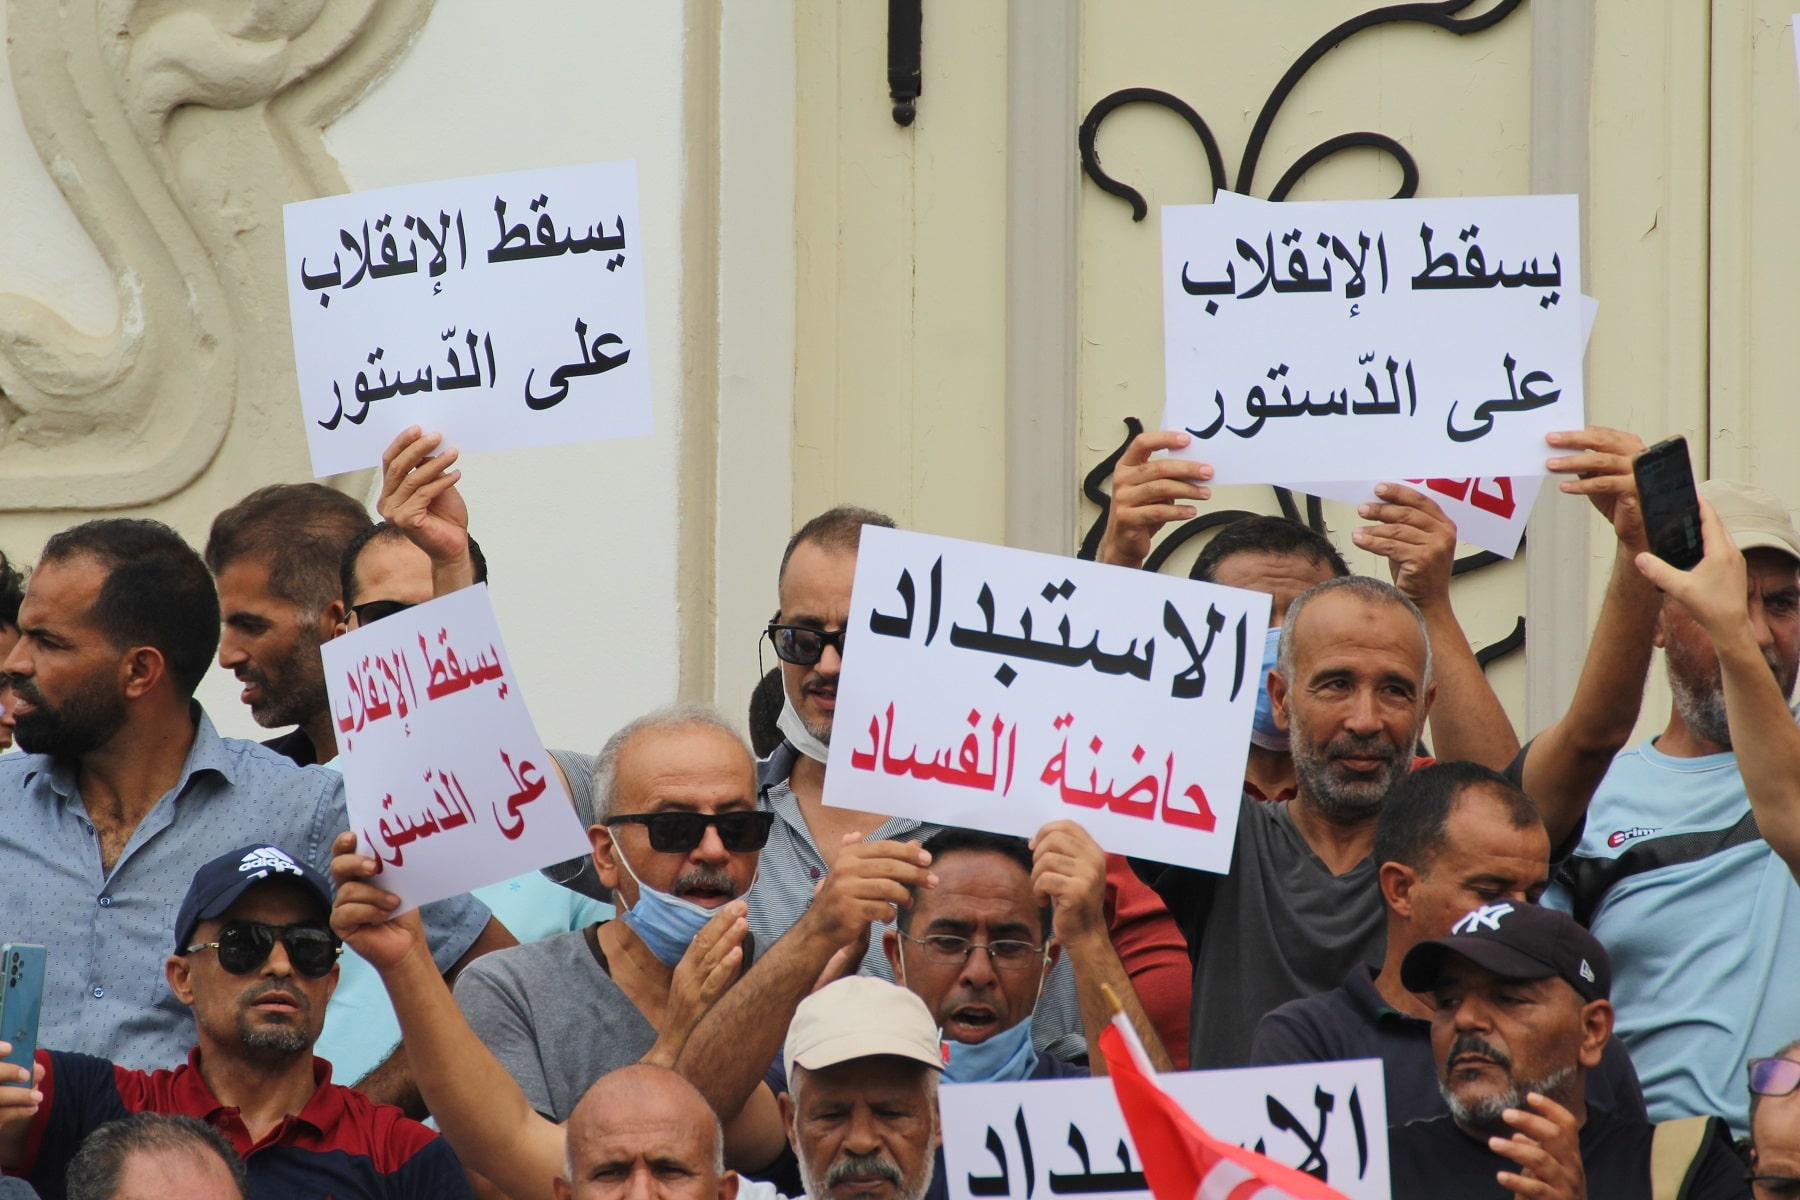 احتجاجات في تونس ضد انقلاب قيس سعيد